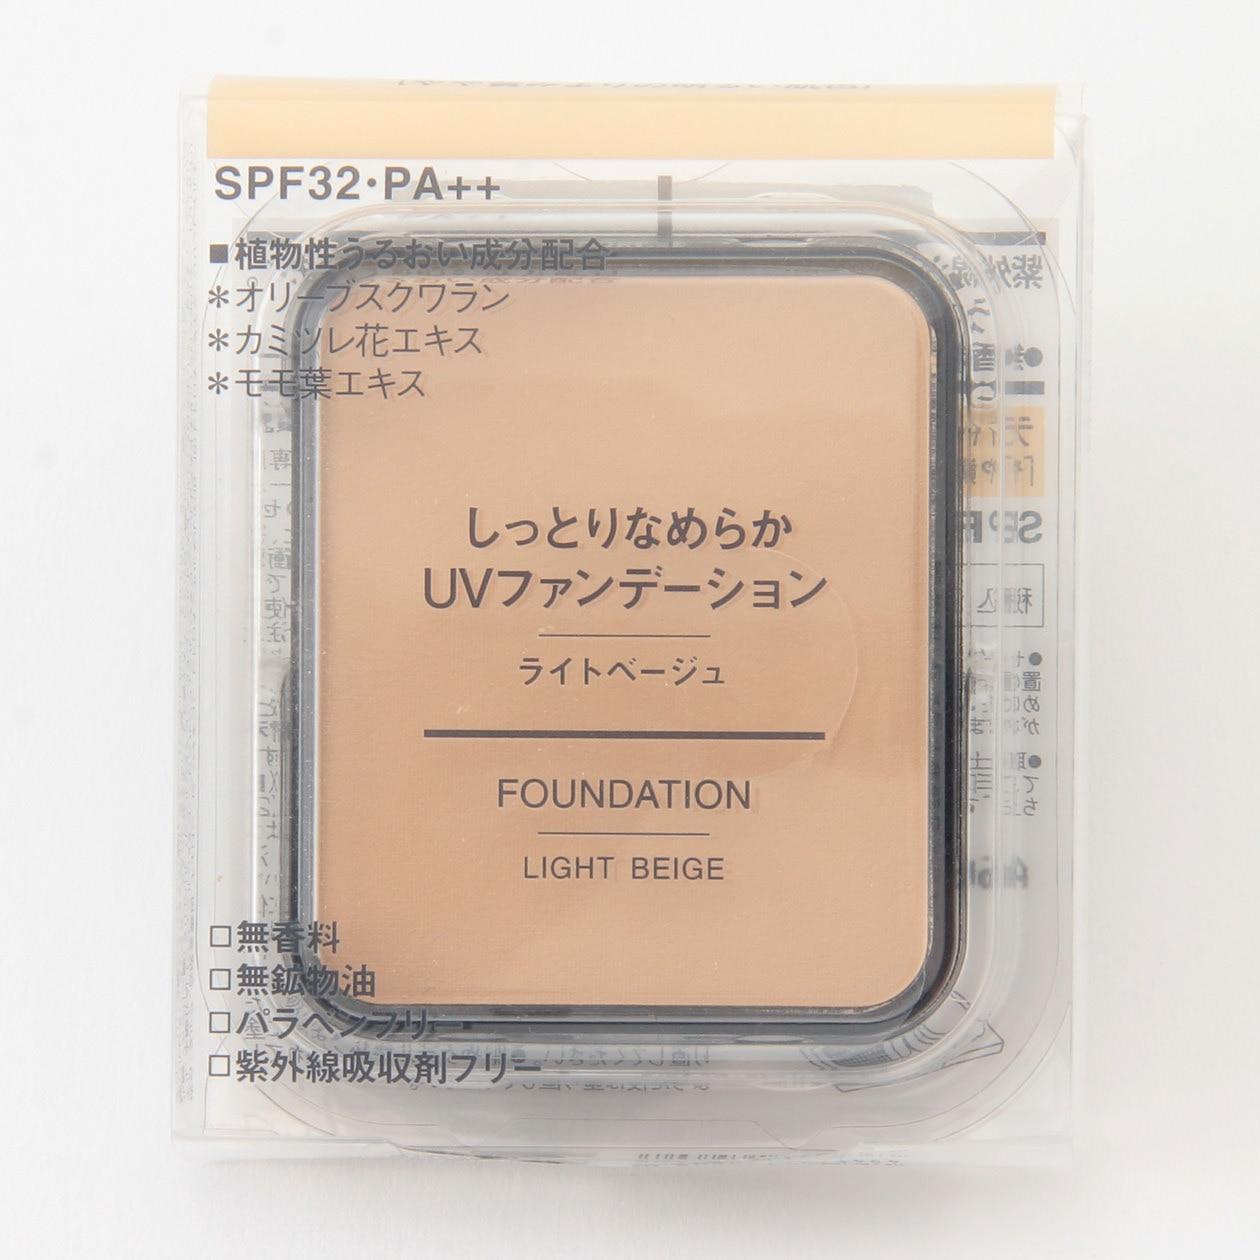 しっとりなめらかUVファンデーション・ライトベージュ SPF32・PA++ 10.5g コンビニ受取可